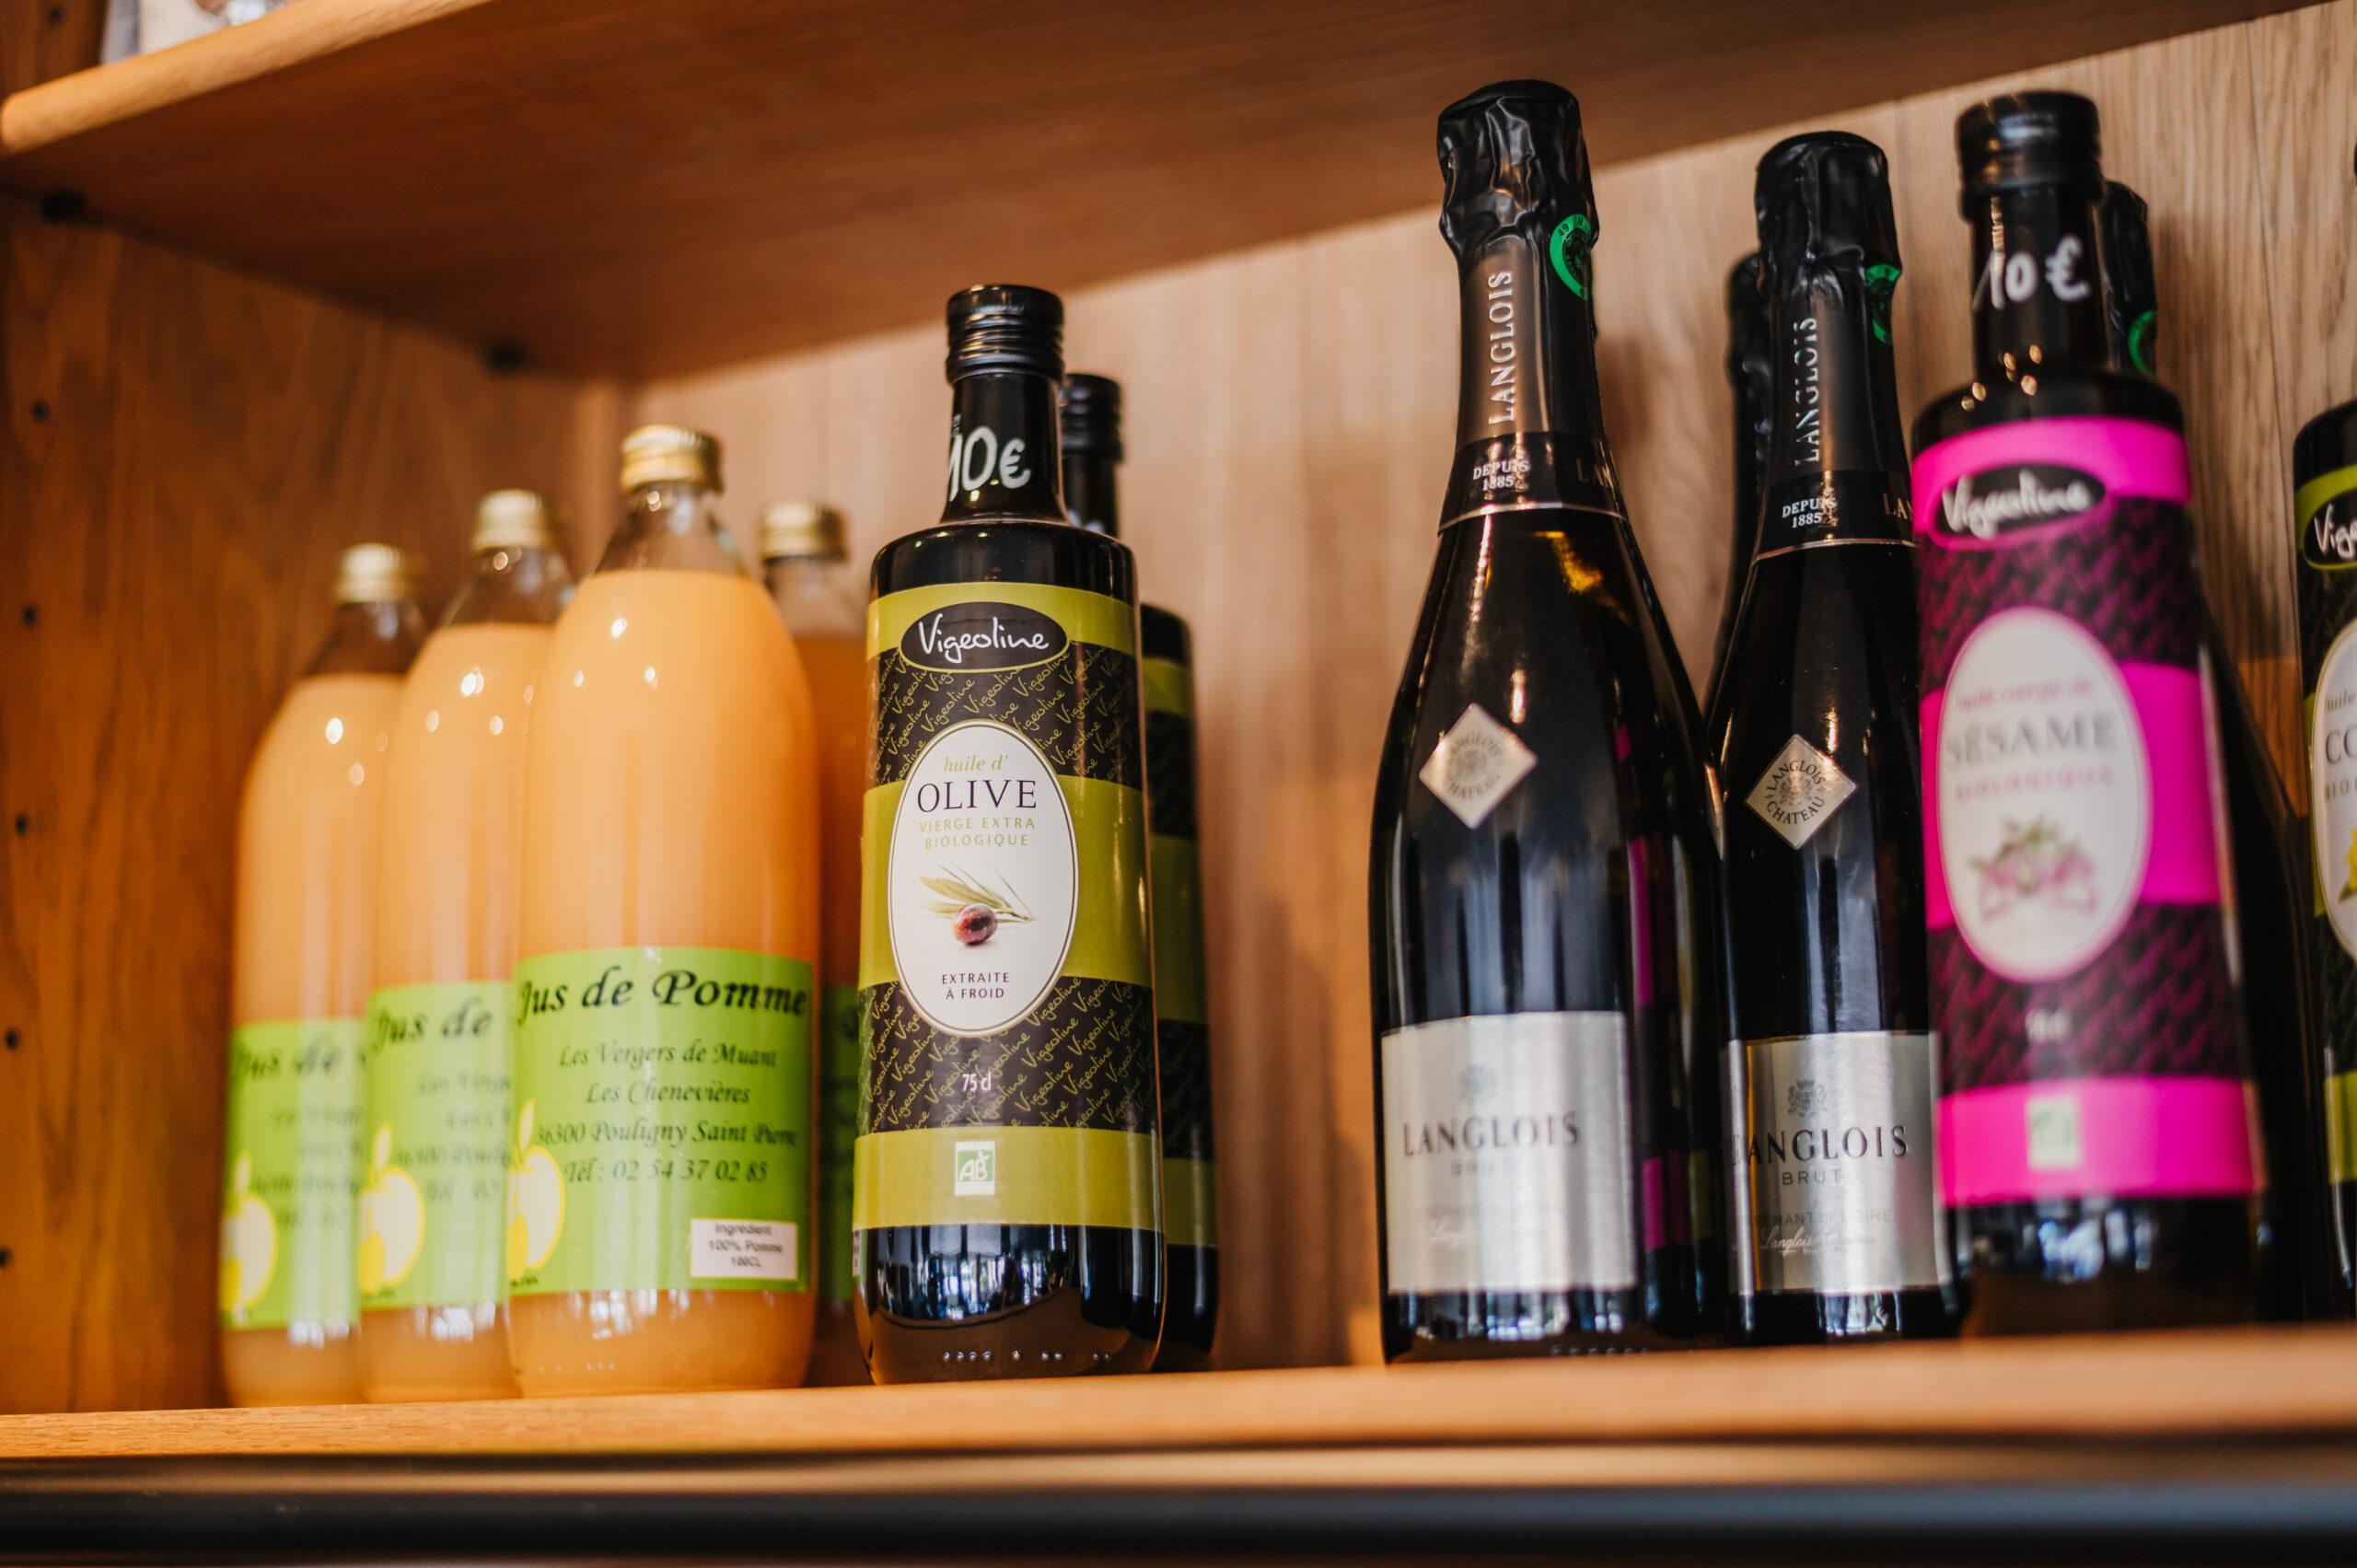 produits locaux made in berry